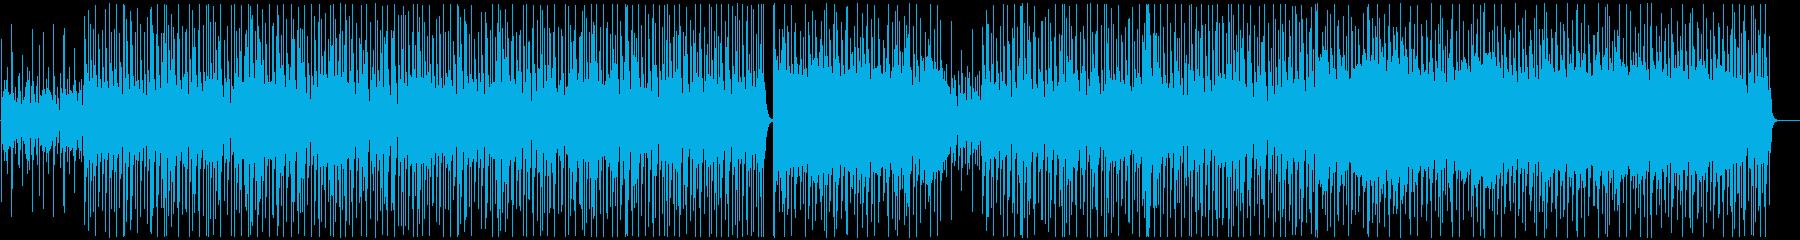 アップテンポなOP風アコギとドラムの曲の再生済みの波形